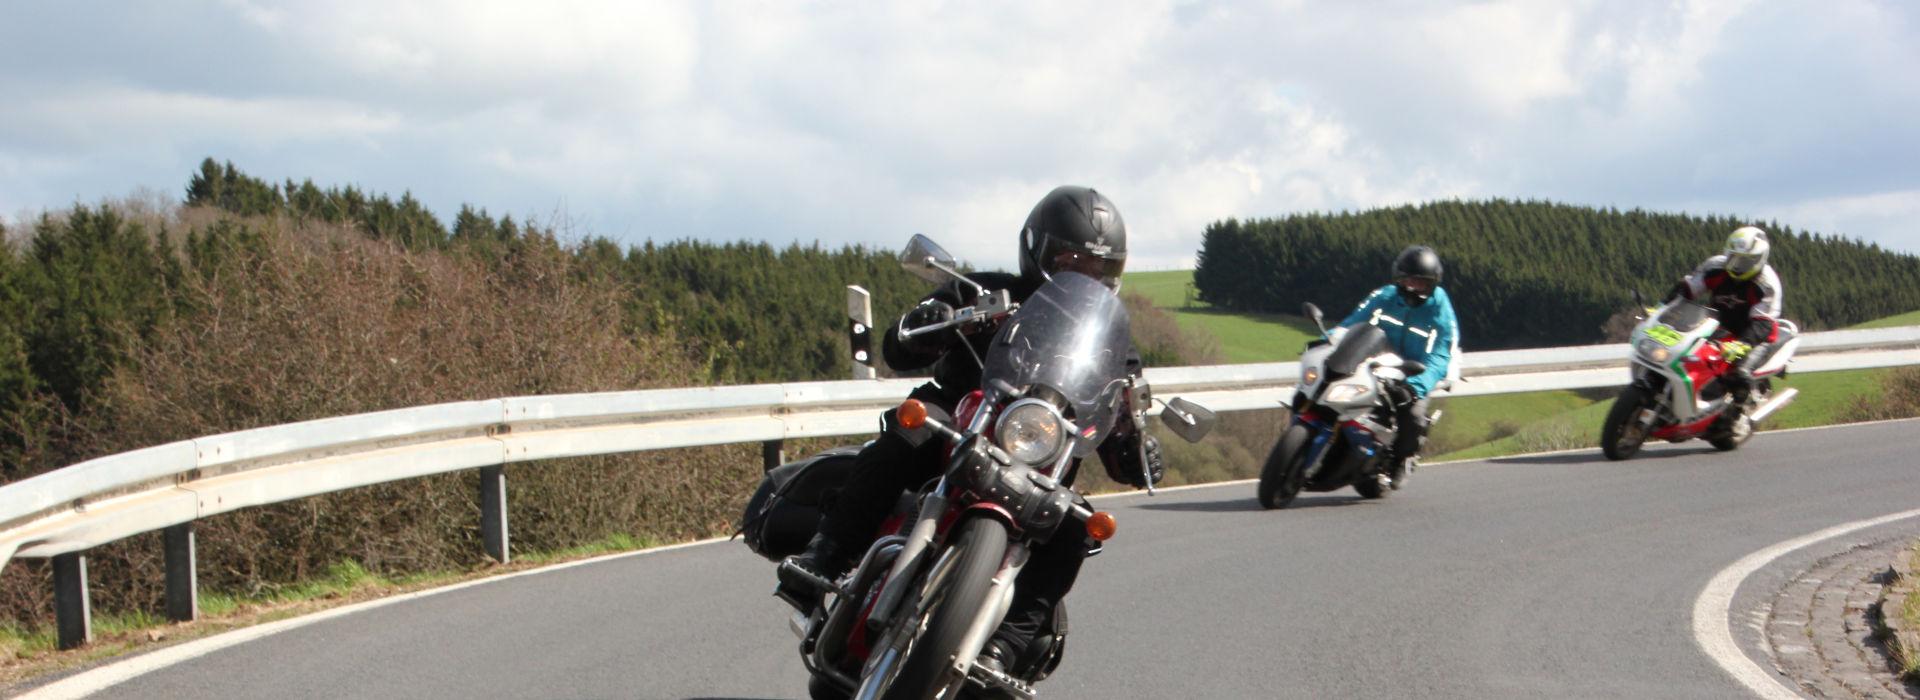 Motorrijbewijspoint Slenaken spoed motorrijbewijs